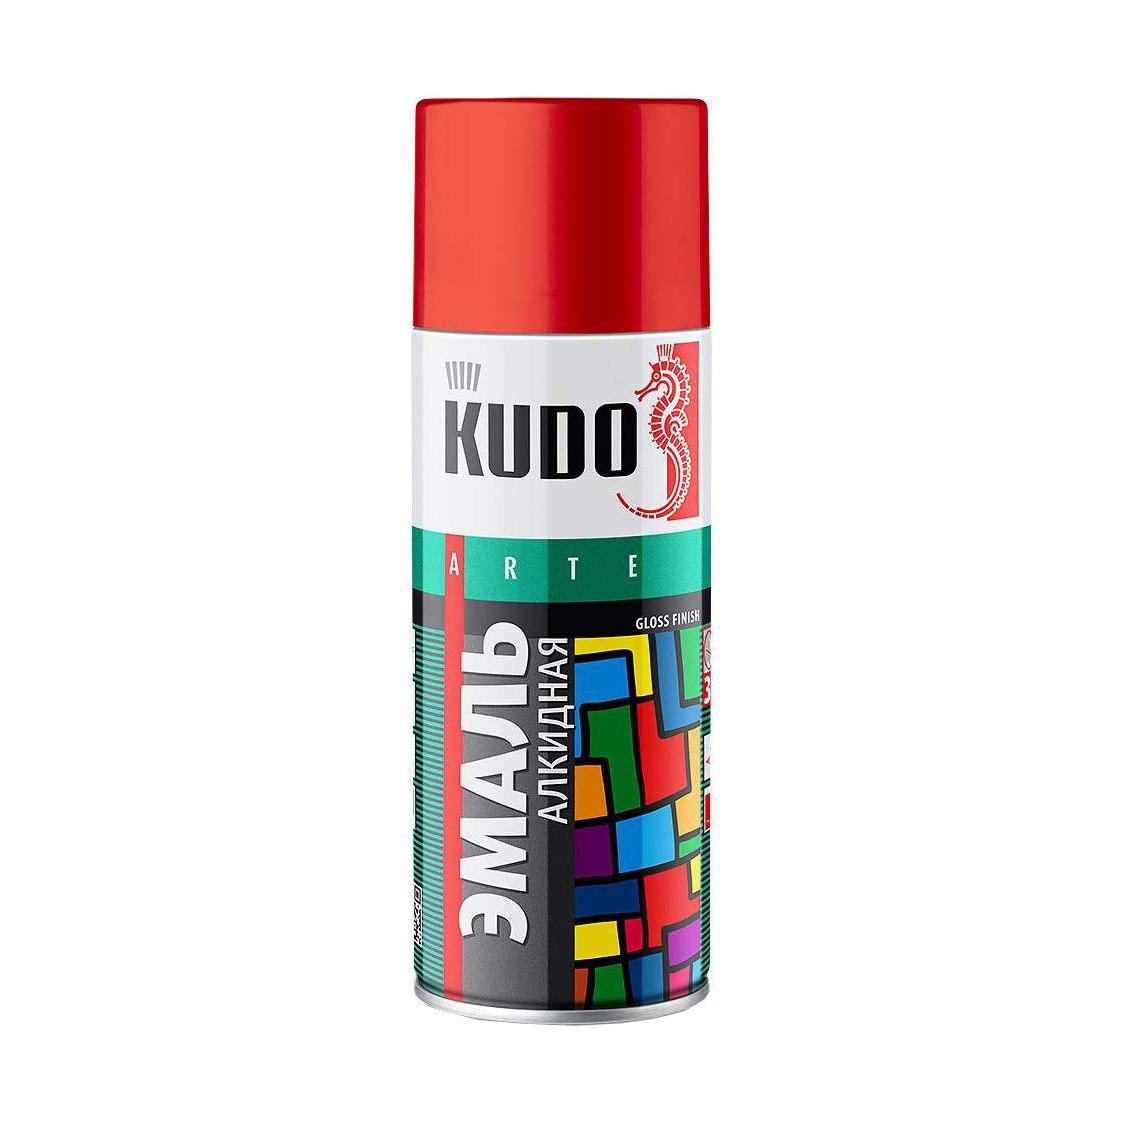 Эмаль Kudo универсальная сиреневая 520 мл эмаль аэрозольная kudo 1026 универсальная 520 мл серебро арт эк000013304